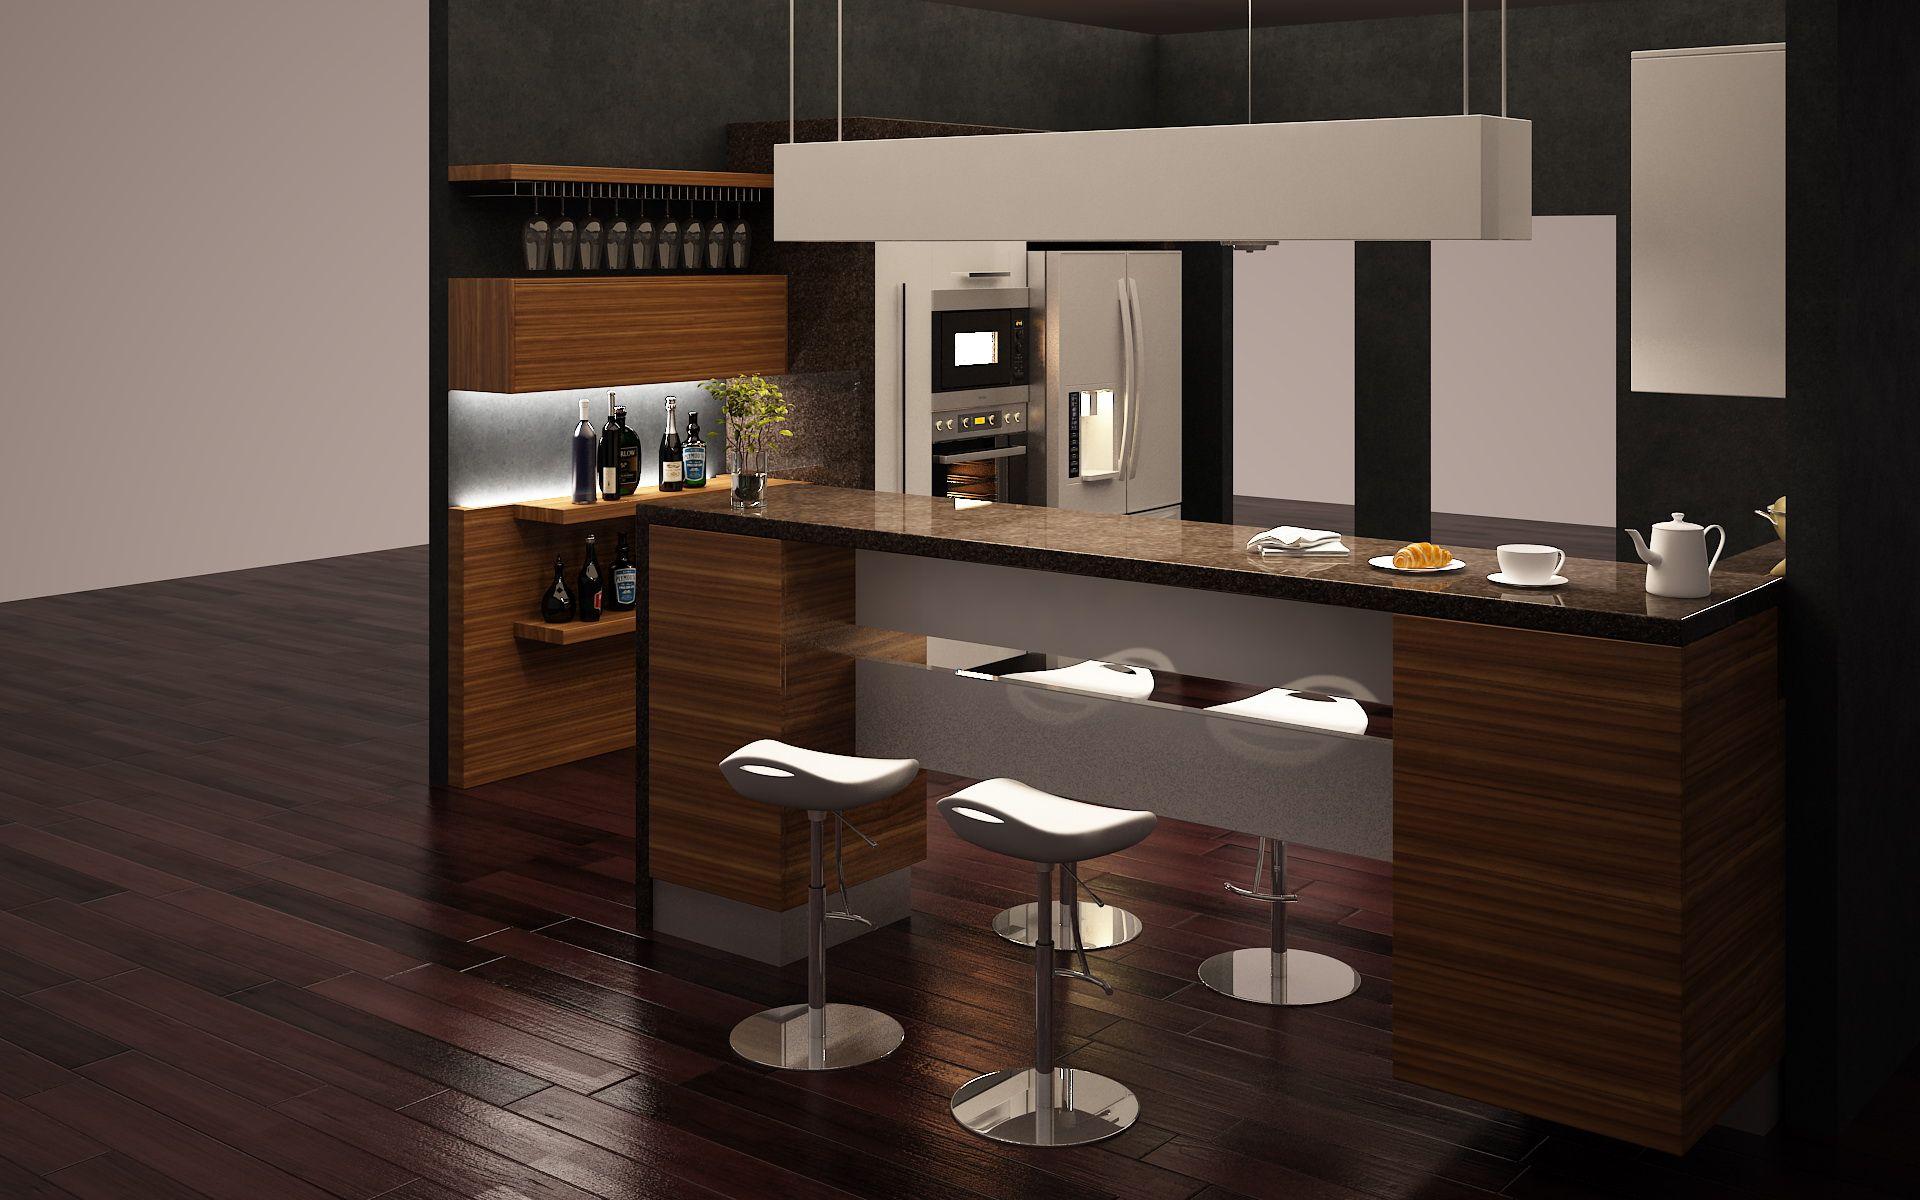 II kitchen (4)_result